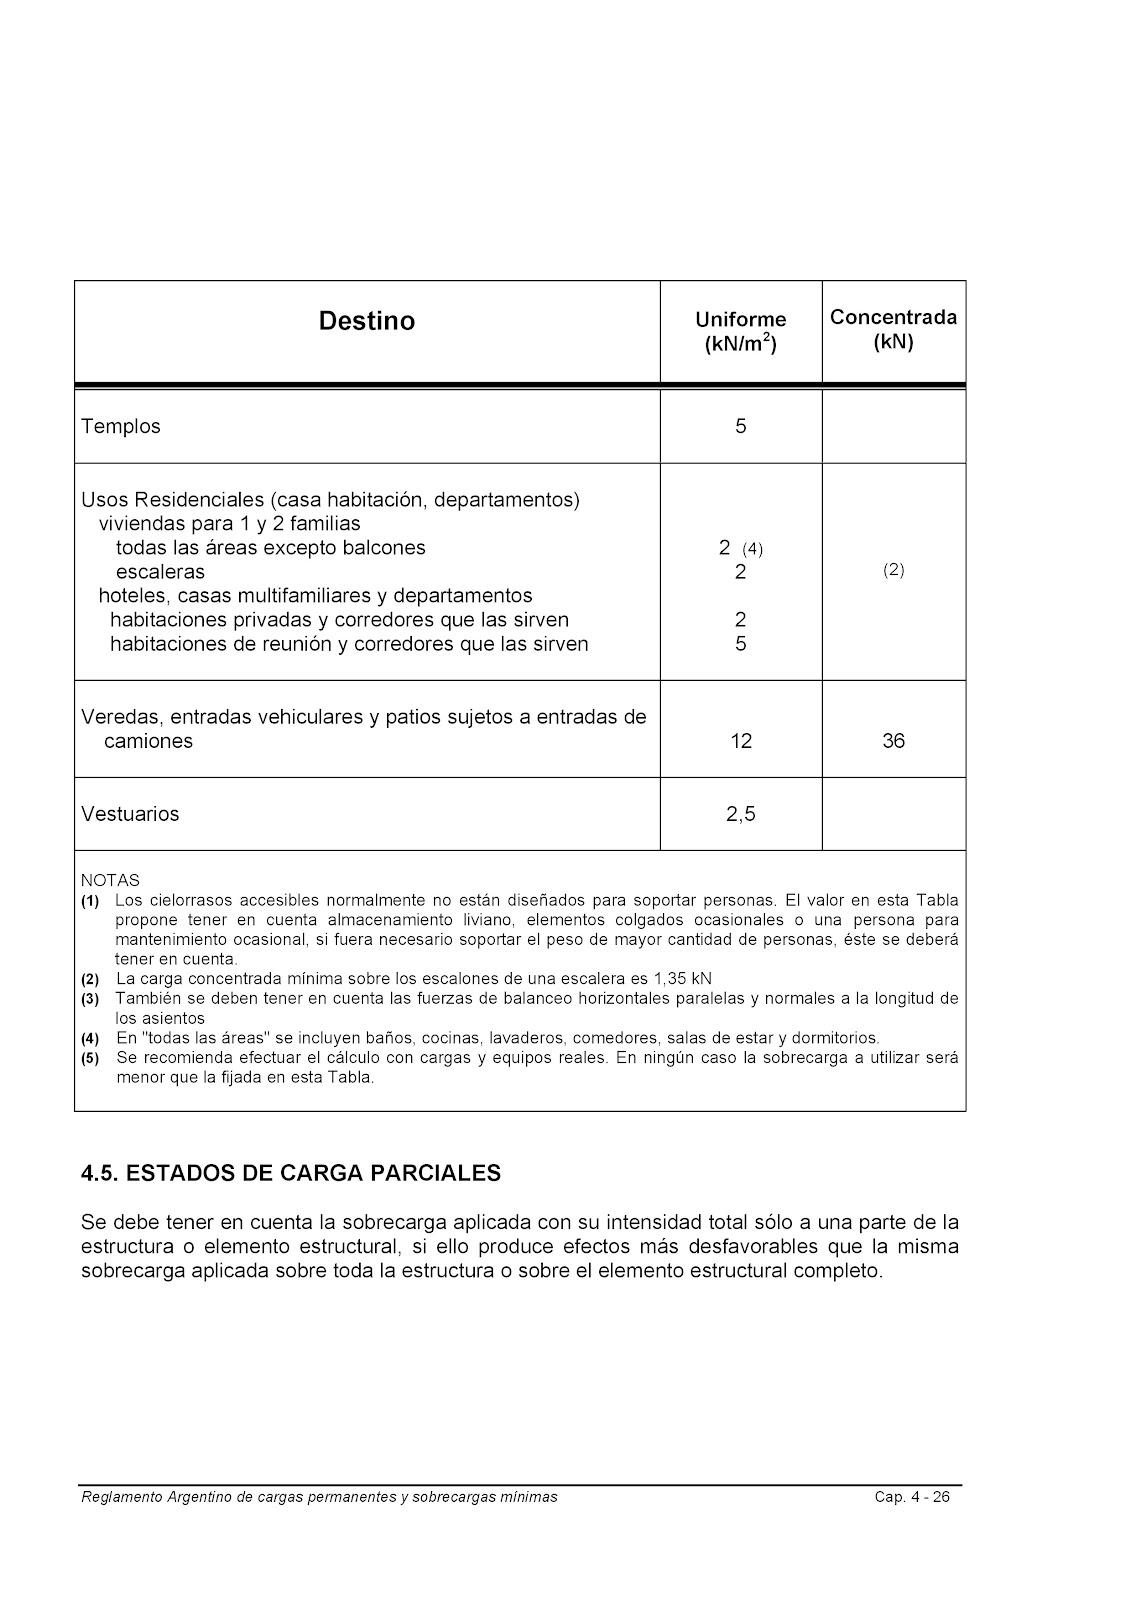 Estructuras Uno Reglamento Cirsoc 101 2005 Cargas Y